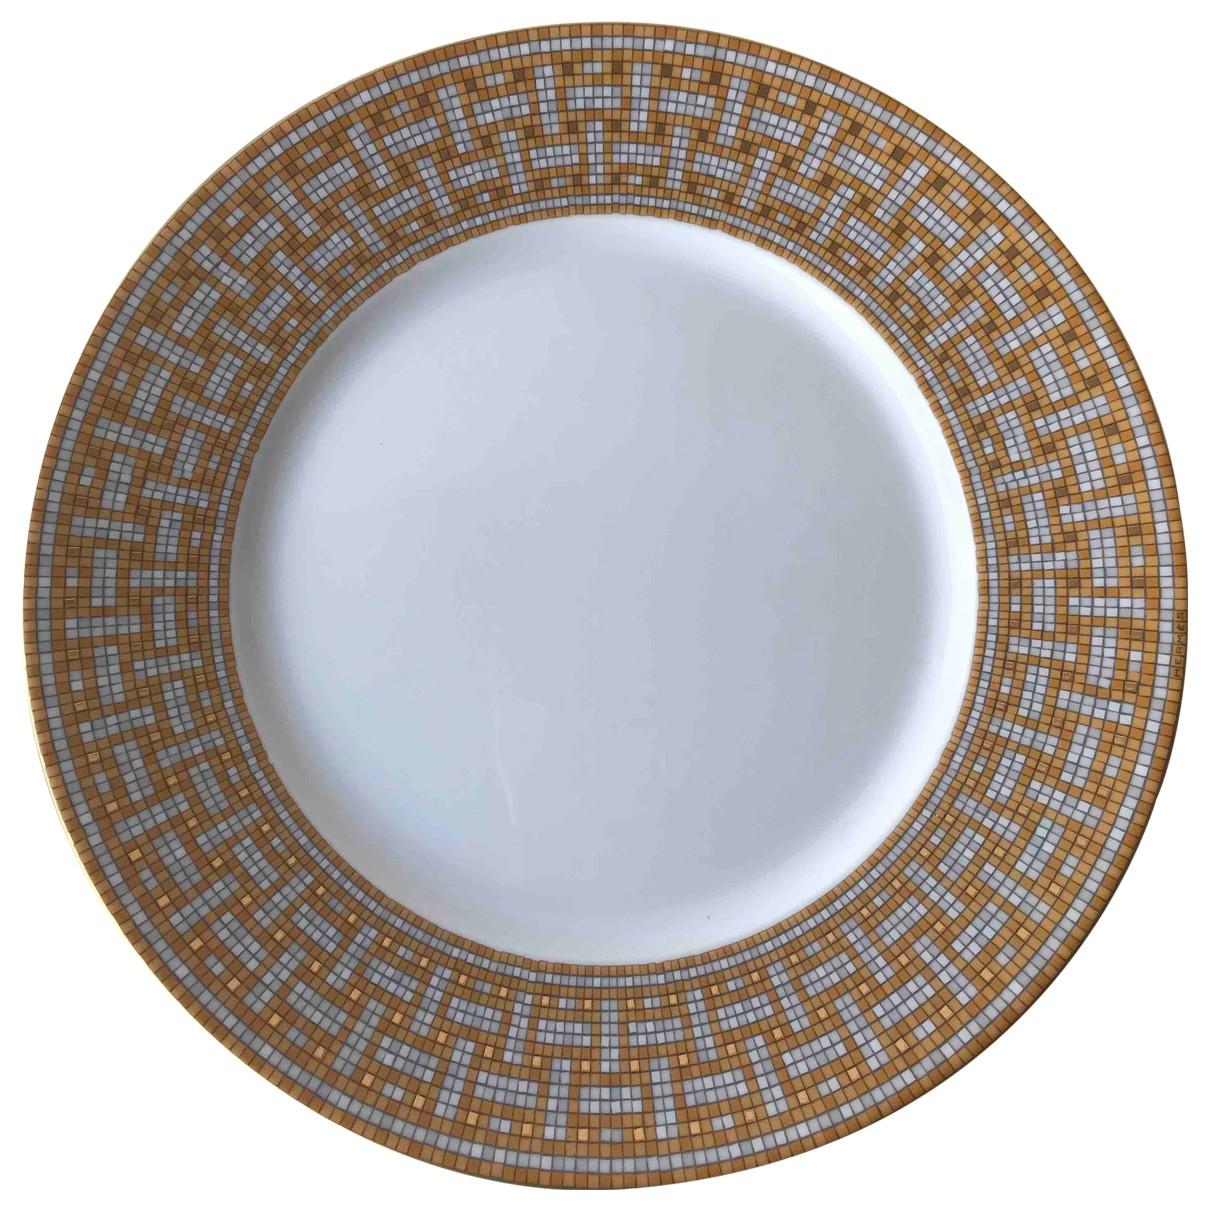 Hermes - Arts de la table Mosaique au 24 pour lifestyle en ceramique - dore